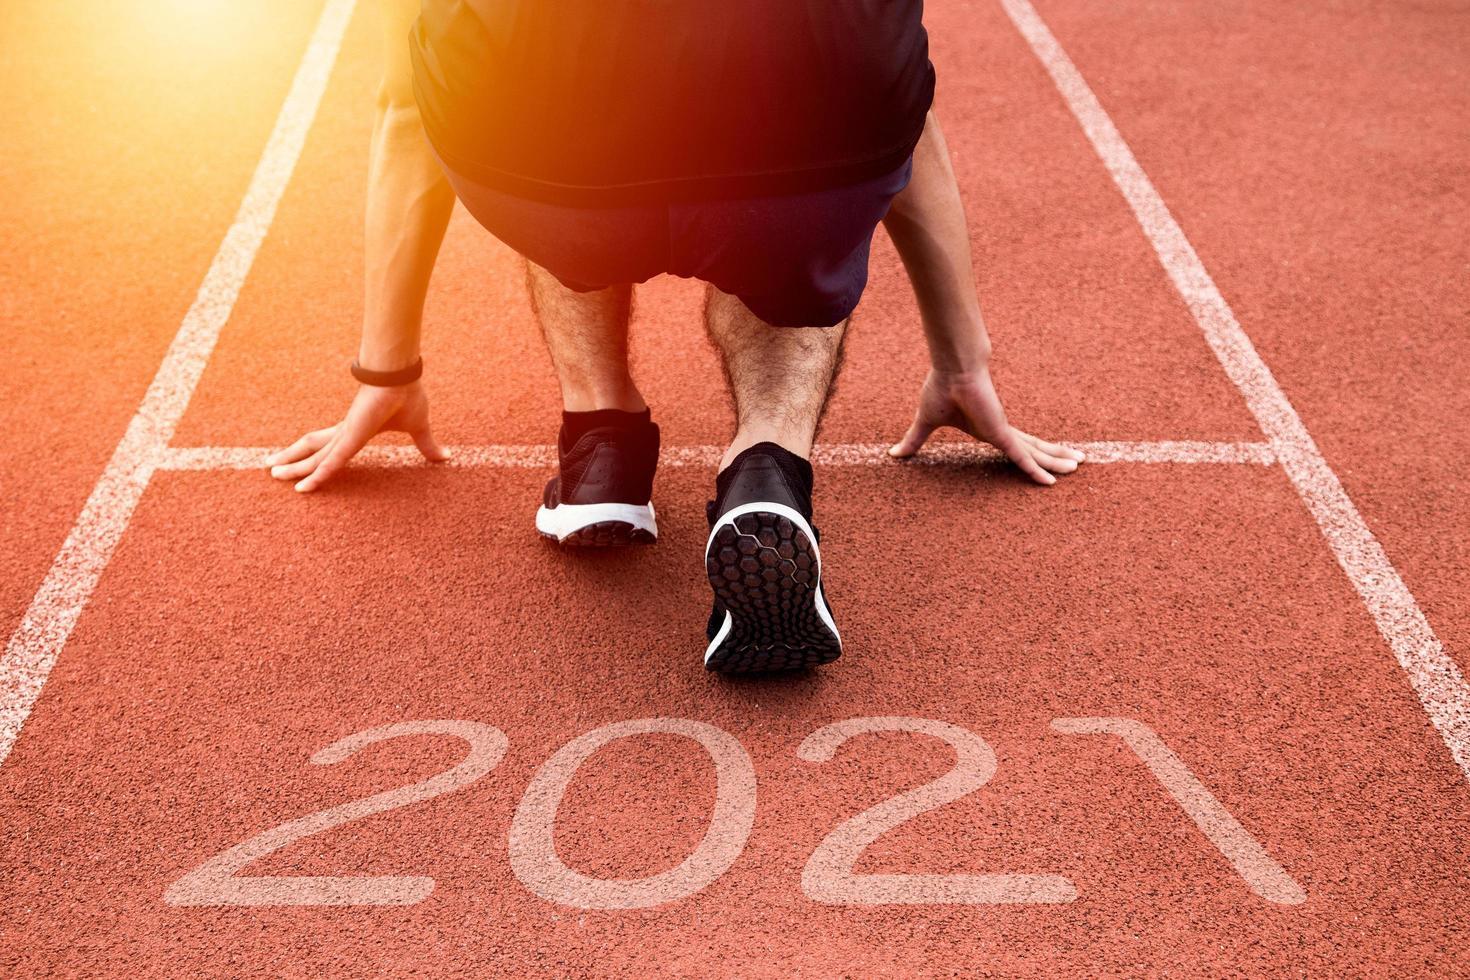 neues Jahr oder gerade Konzept beginnen. Nahaufnahme eines Athletenläufers, der zum Erfolg und zu neuen Errungenschaften auf dem Weg mit Inschrift 2021 läuft foto